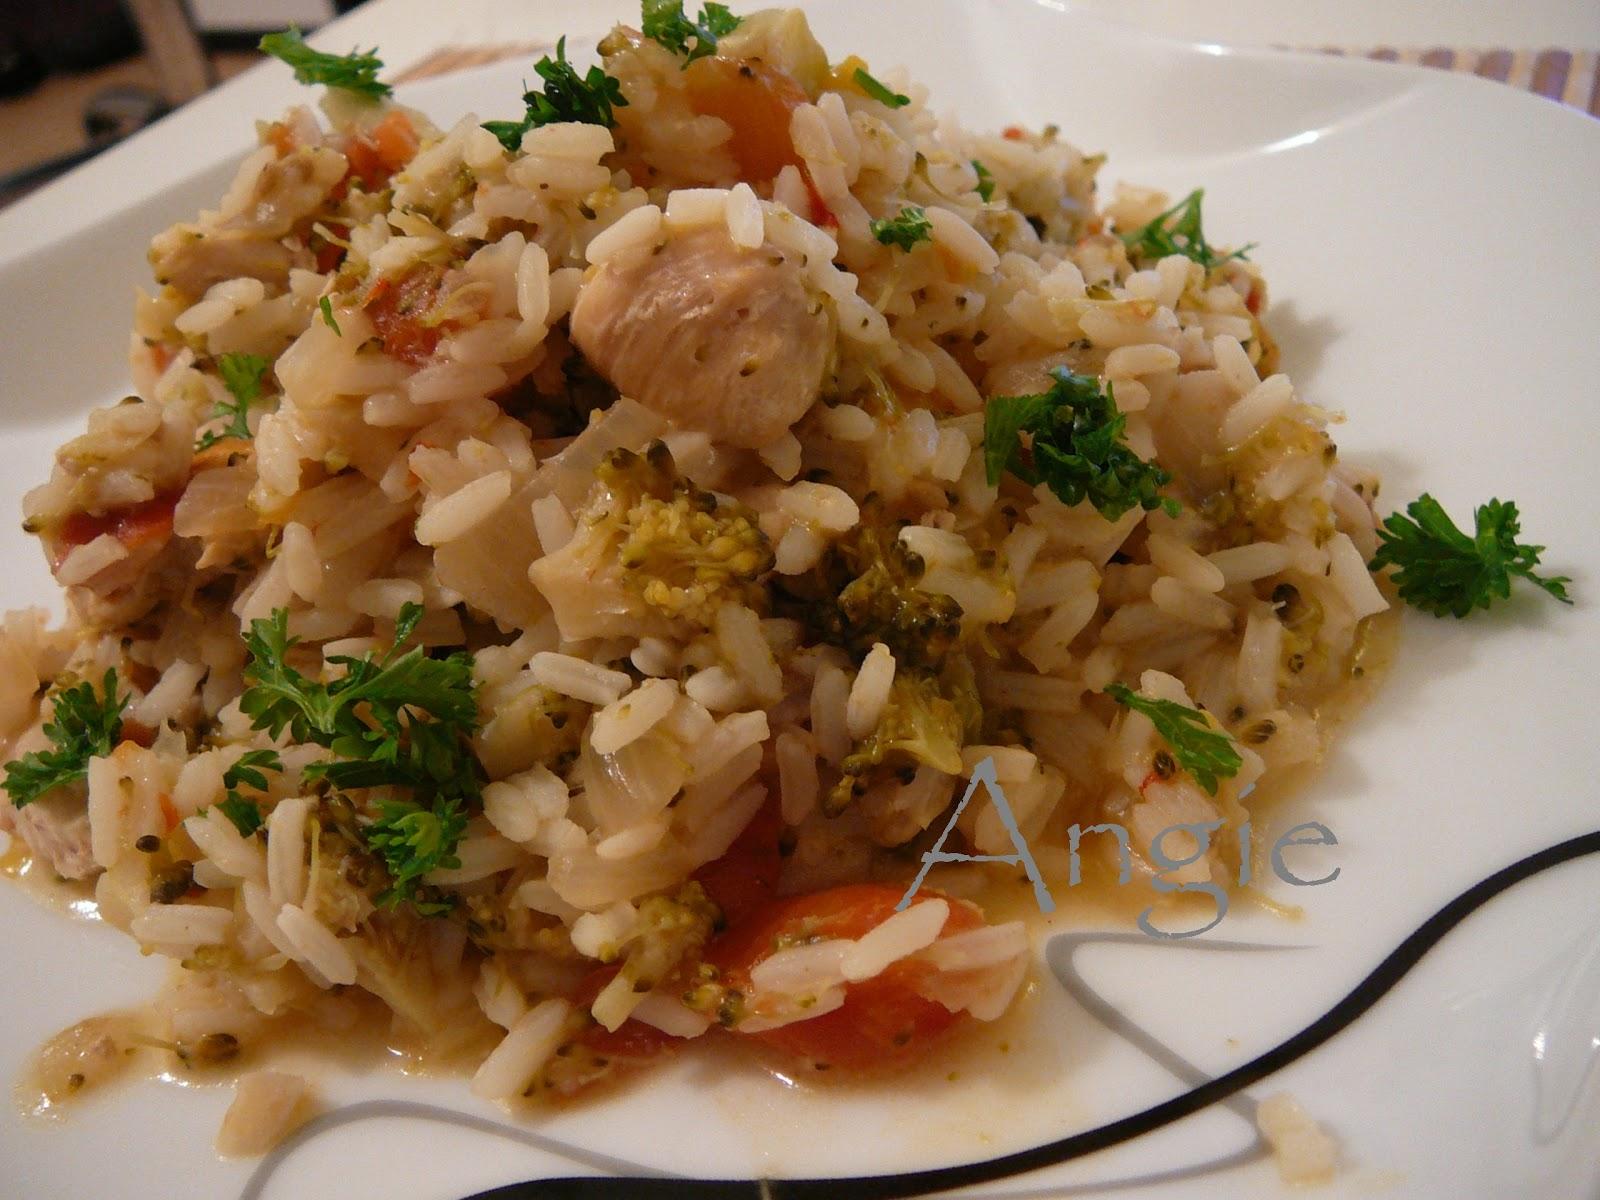 La bonne cuisine de angie orez cu pui si legume for La bonne cuisine